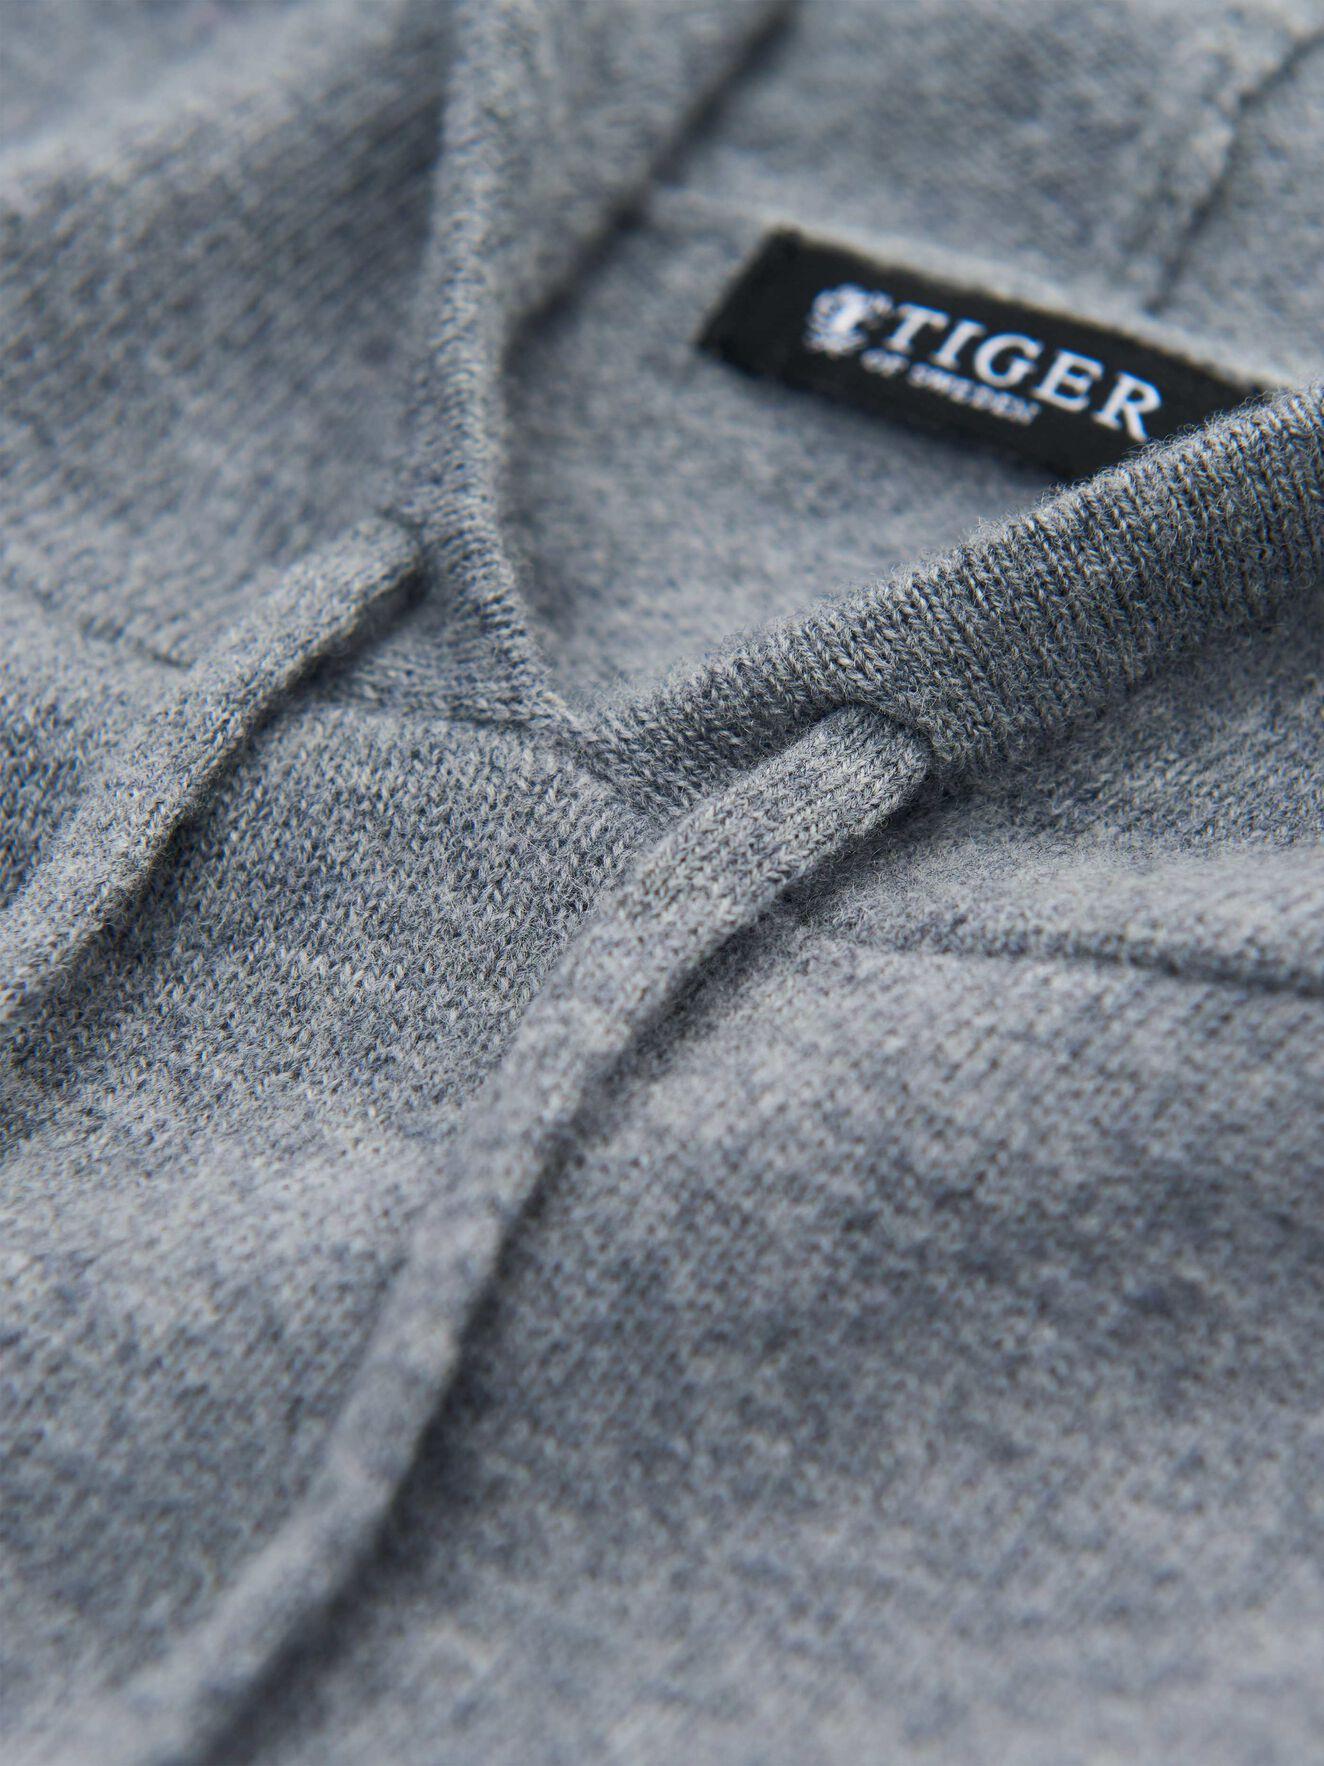 Nakkne Pullover in Light grey melange from Tiger of Sweden